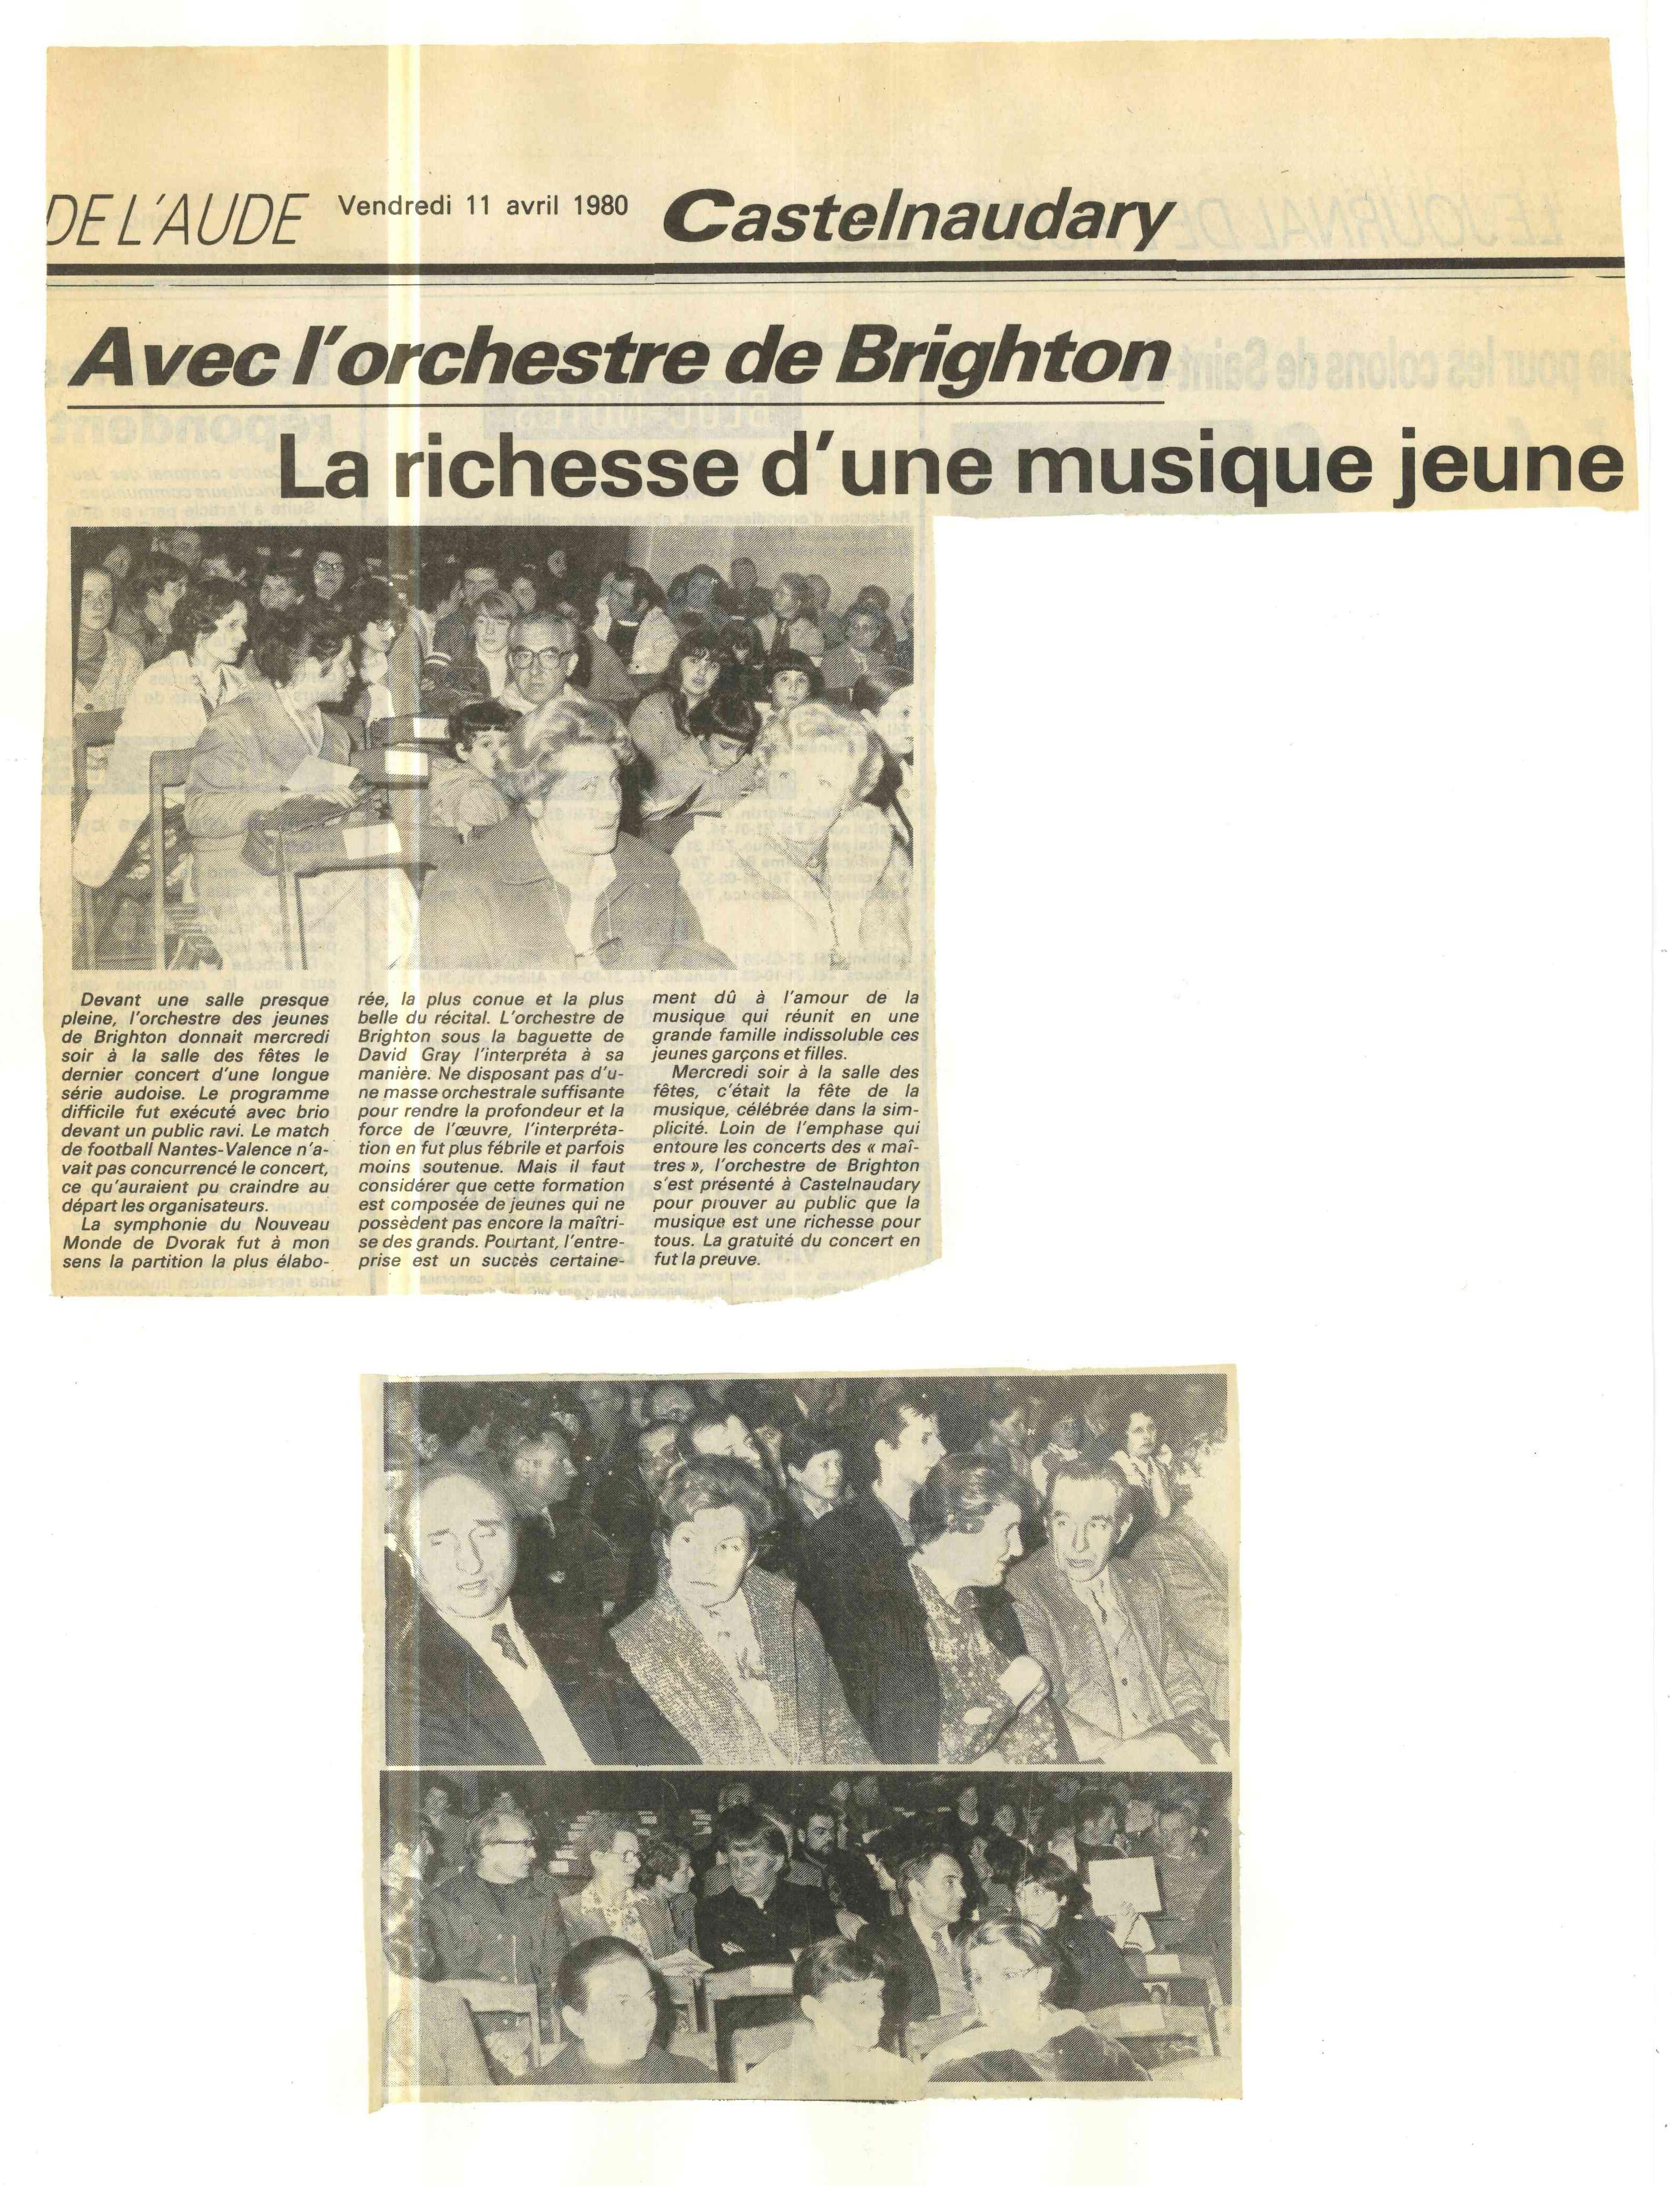 00191-Castelnaudary De L'aude, 11th April 1980.jpg